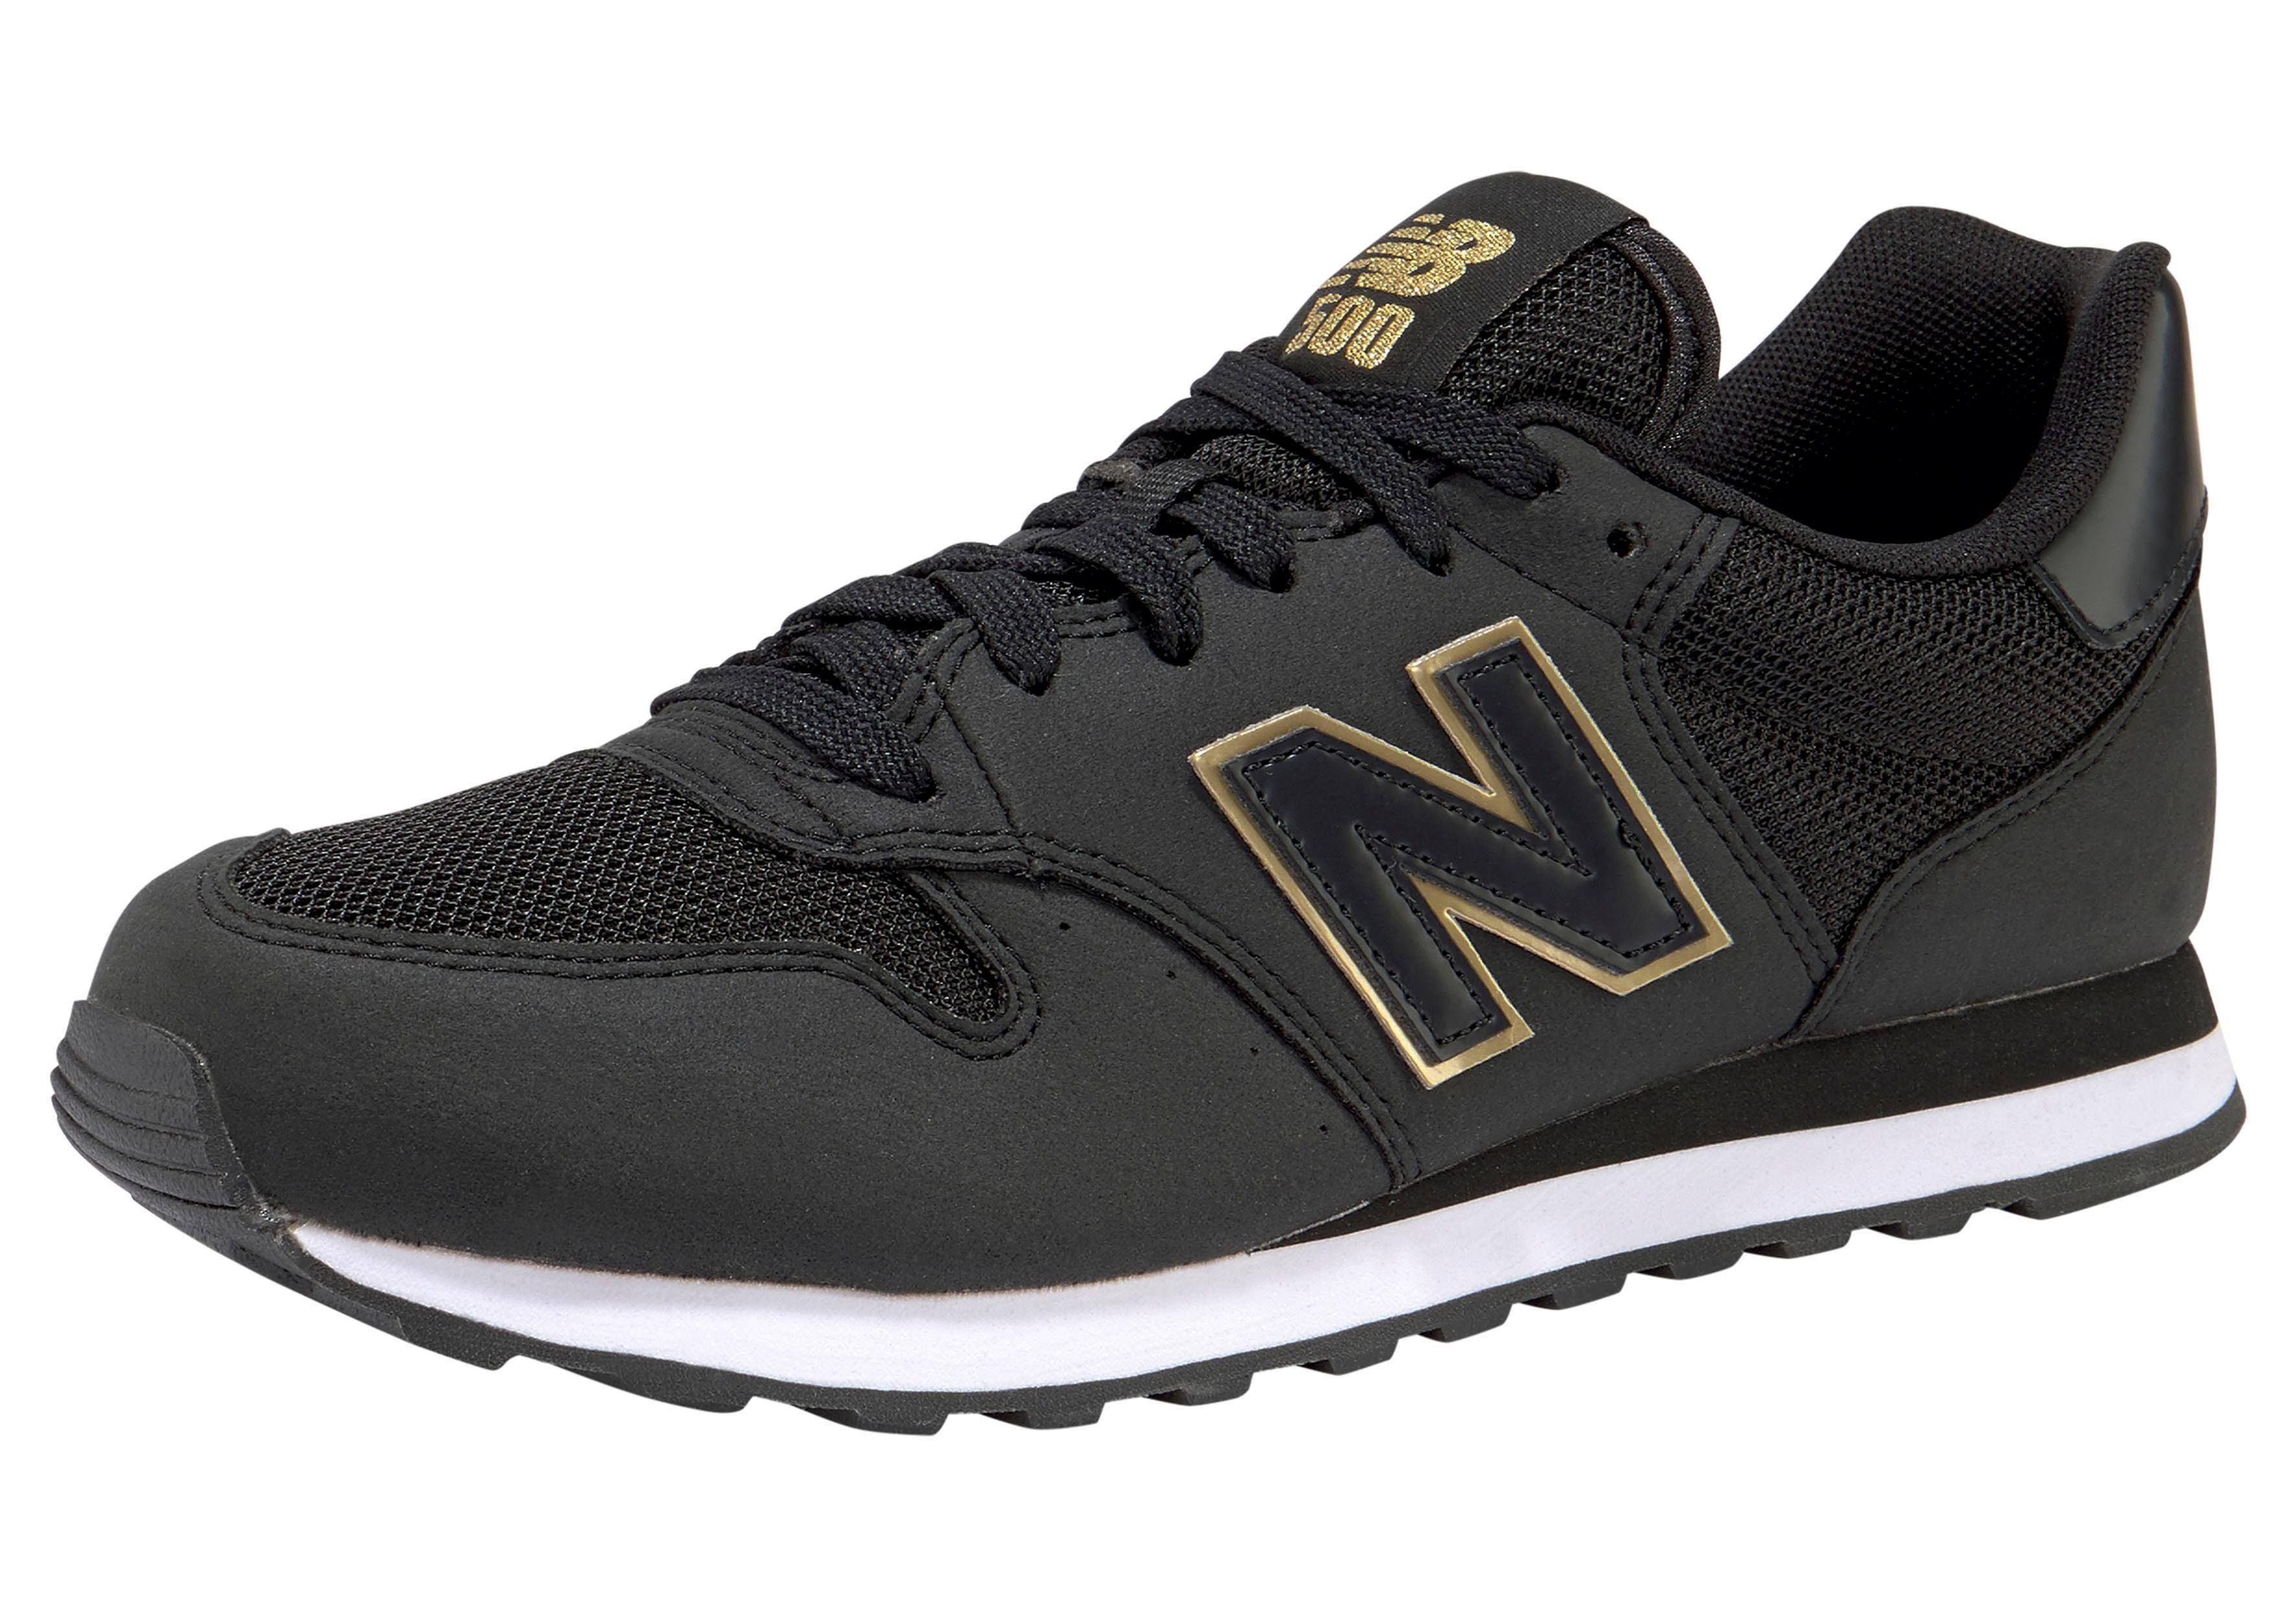 New Balance »GW 500« Sneaker, Materialmix aus Leder und Textil online kaufen   OTTO